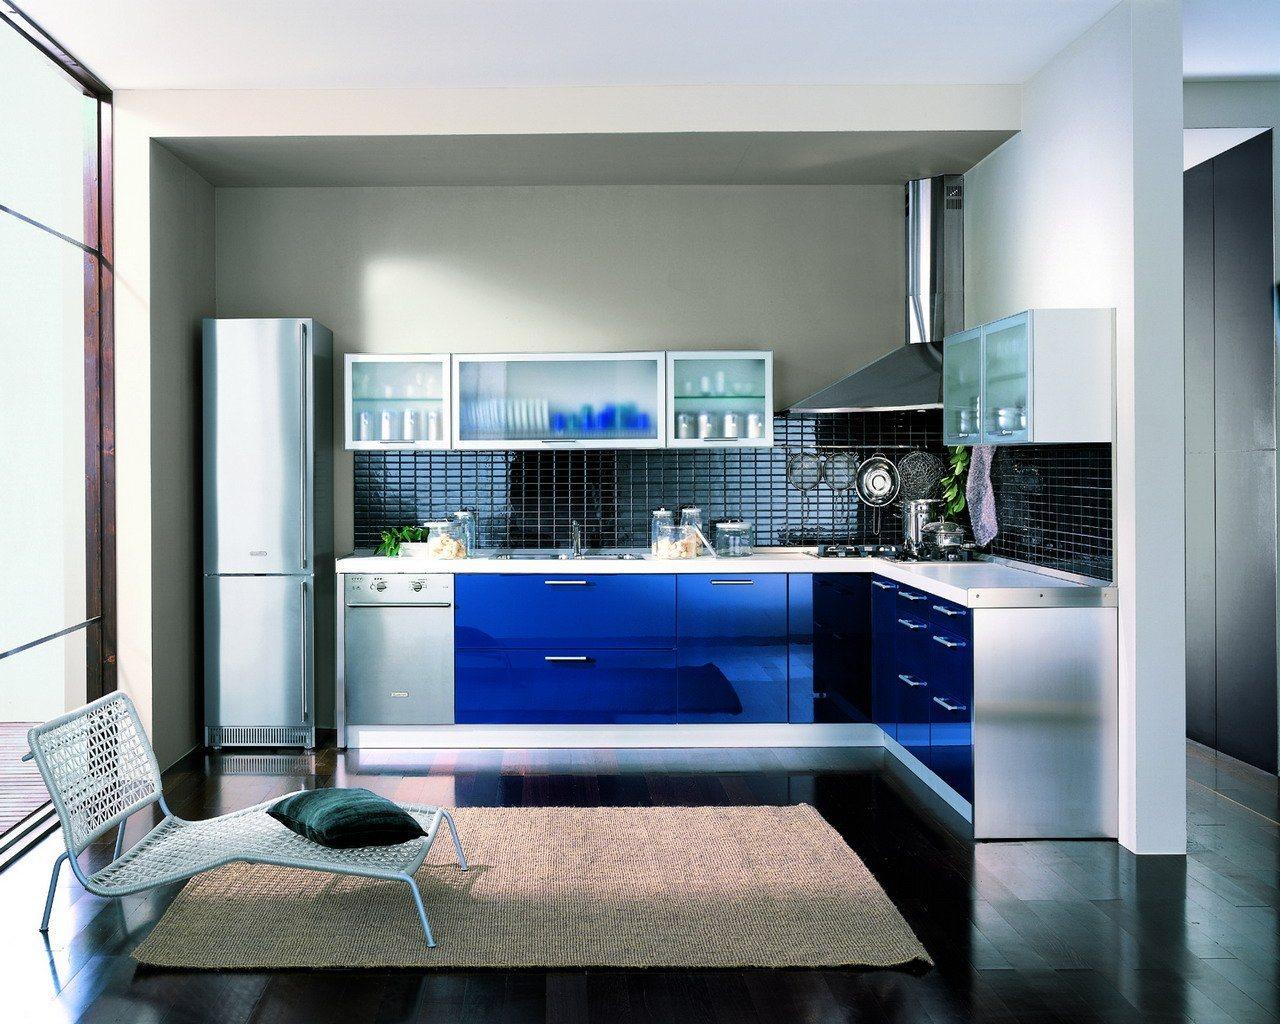 decoracao de interiores de casas de madeira:galeria de imagens de decorações em azul